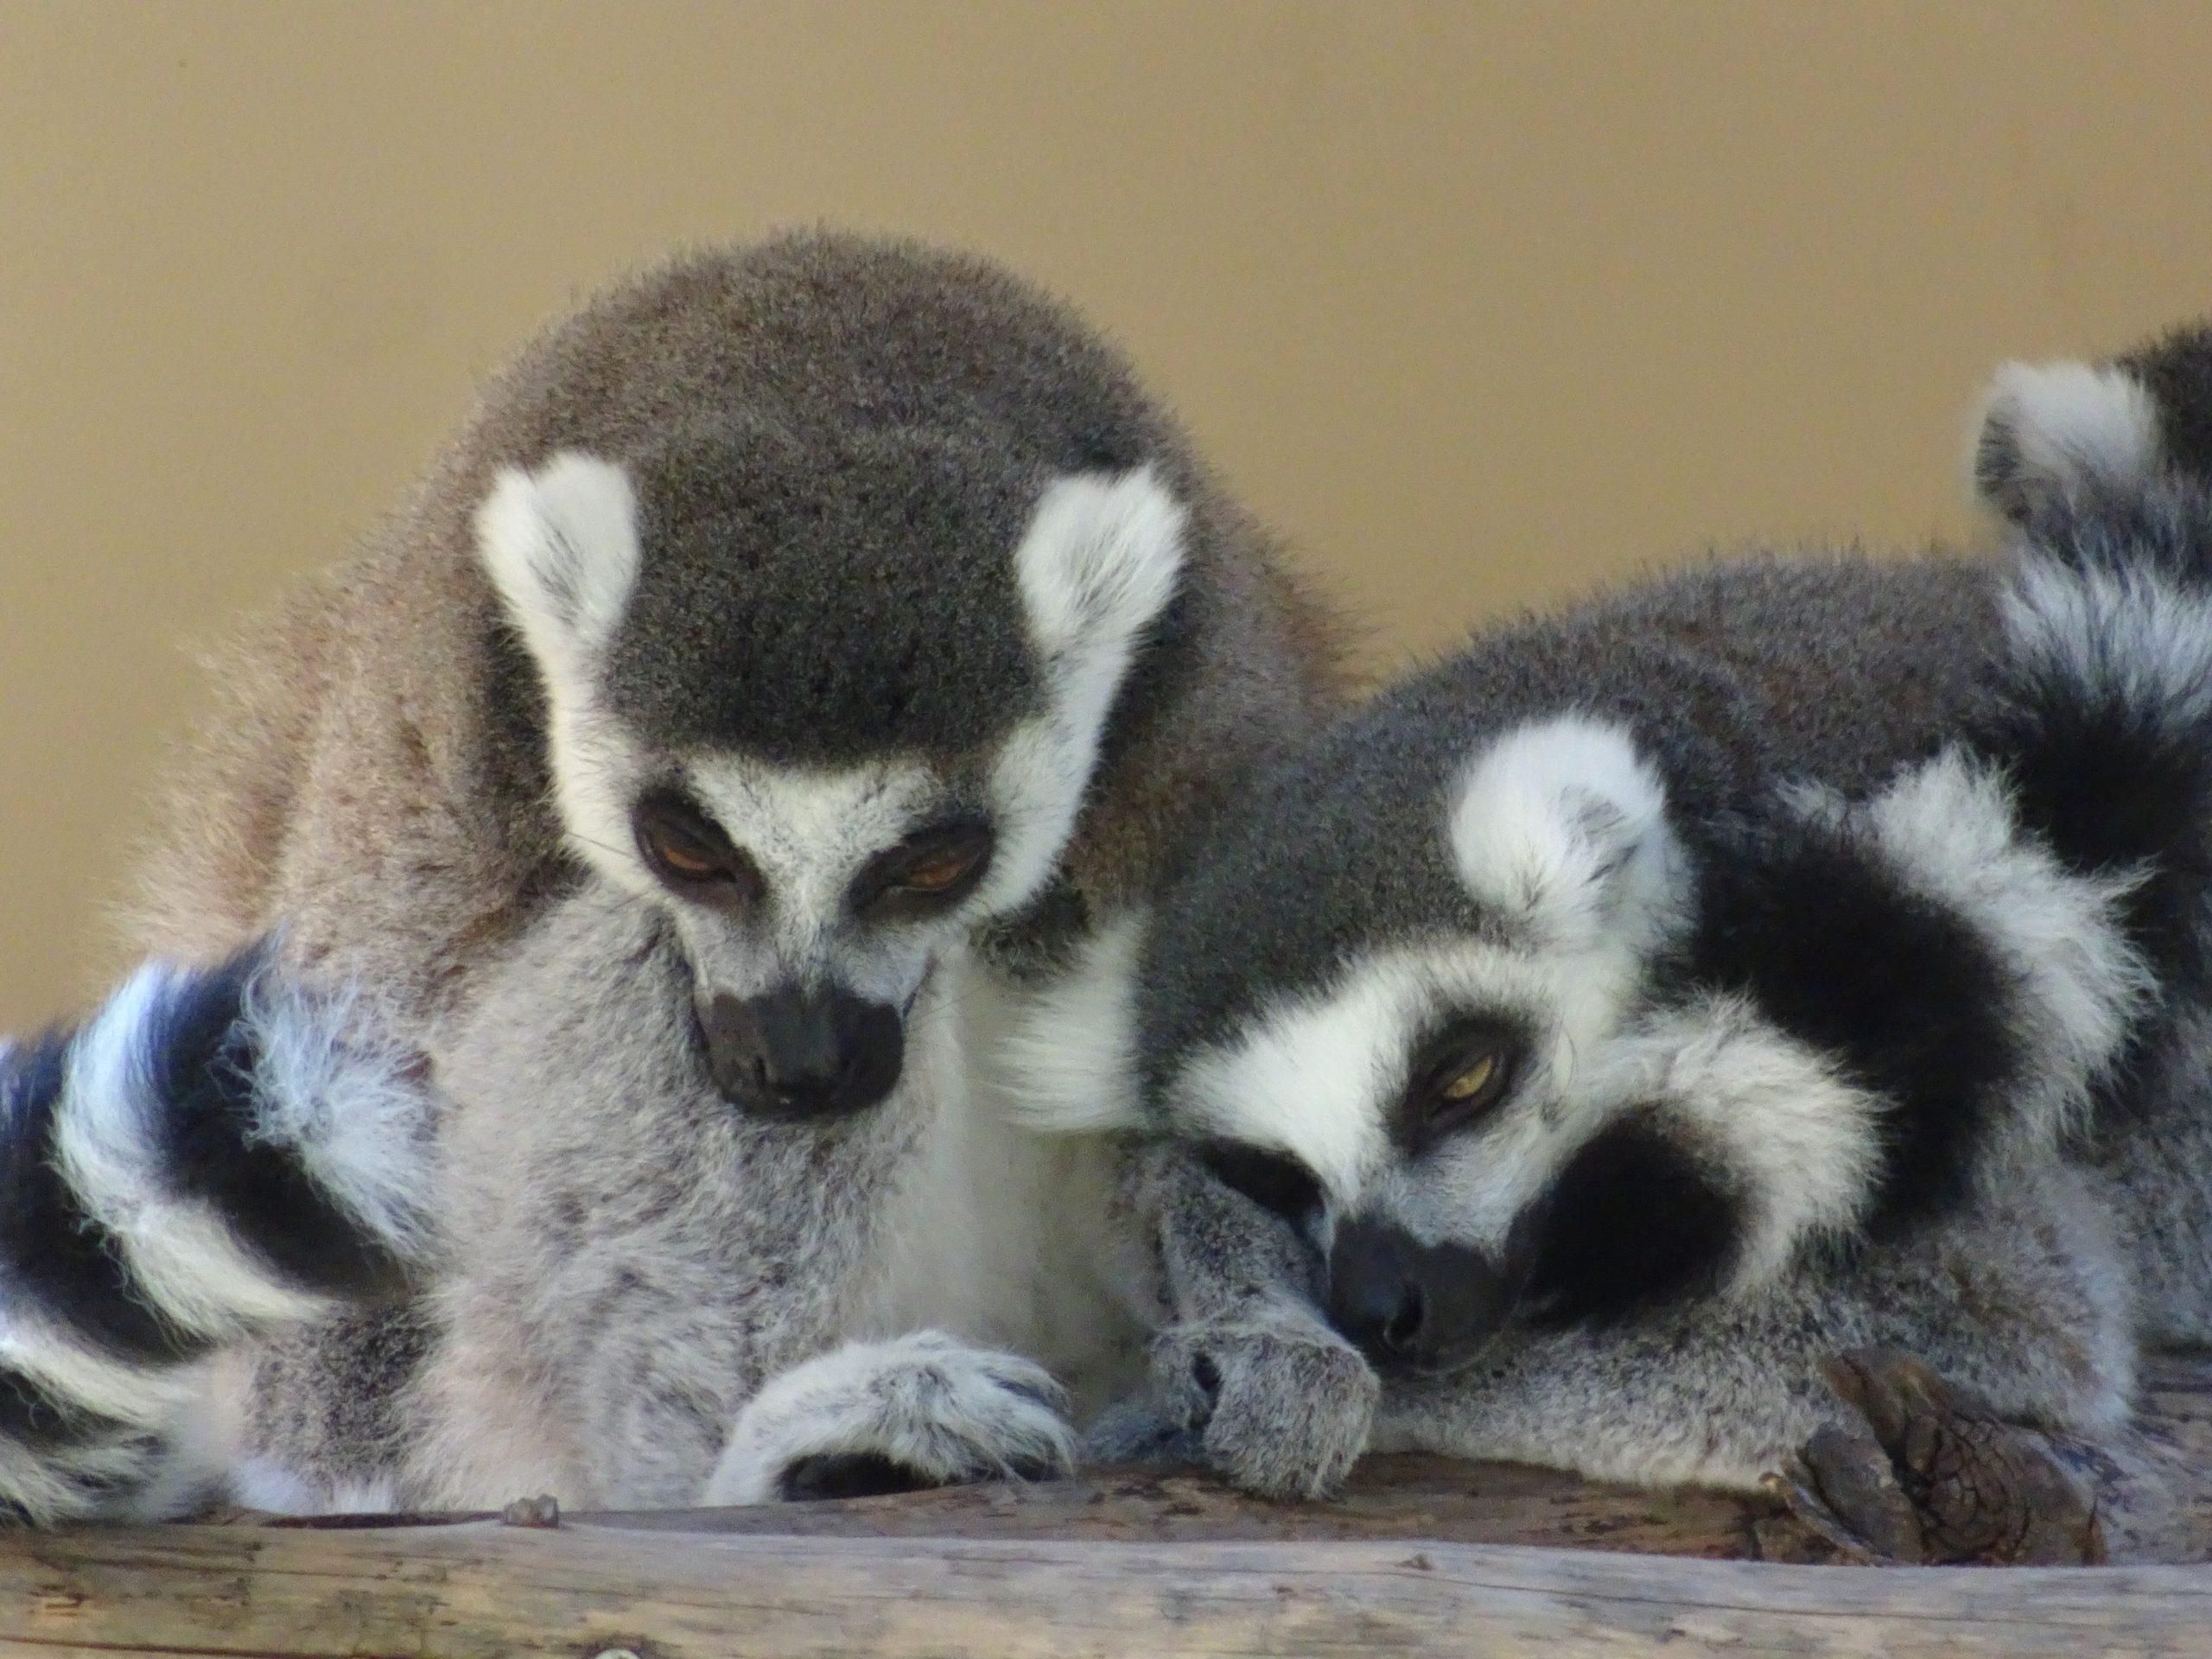 Safari Park Lemur